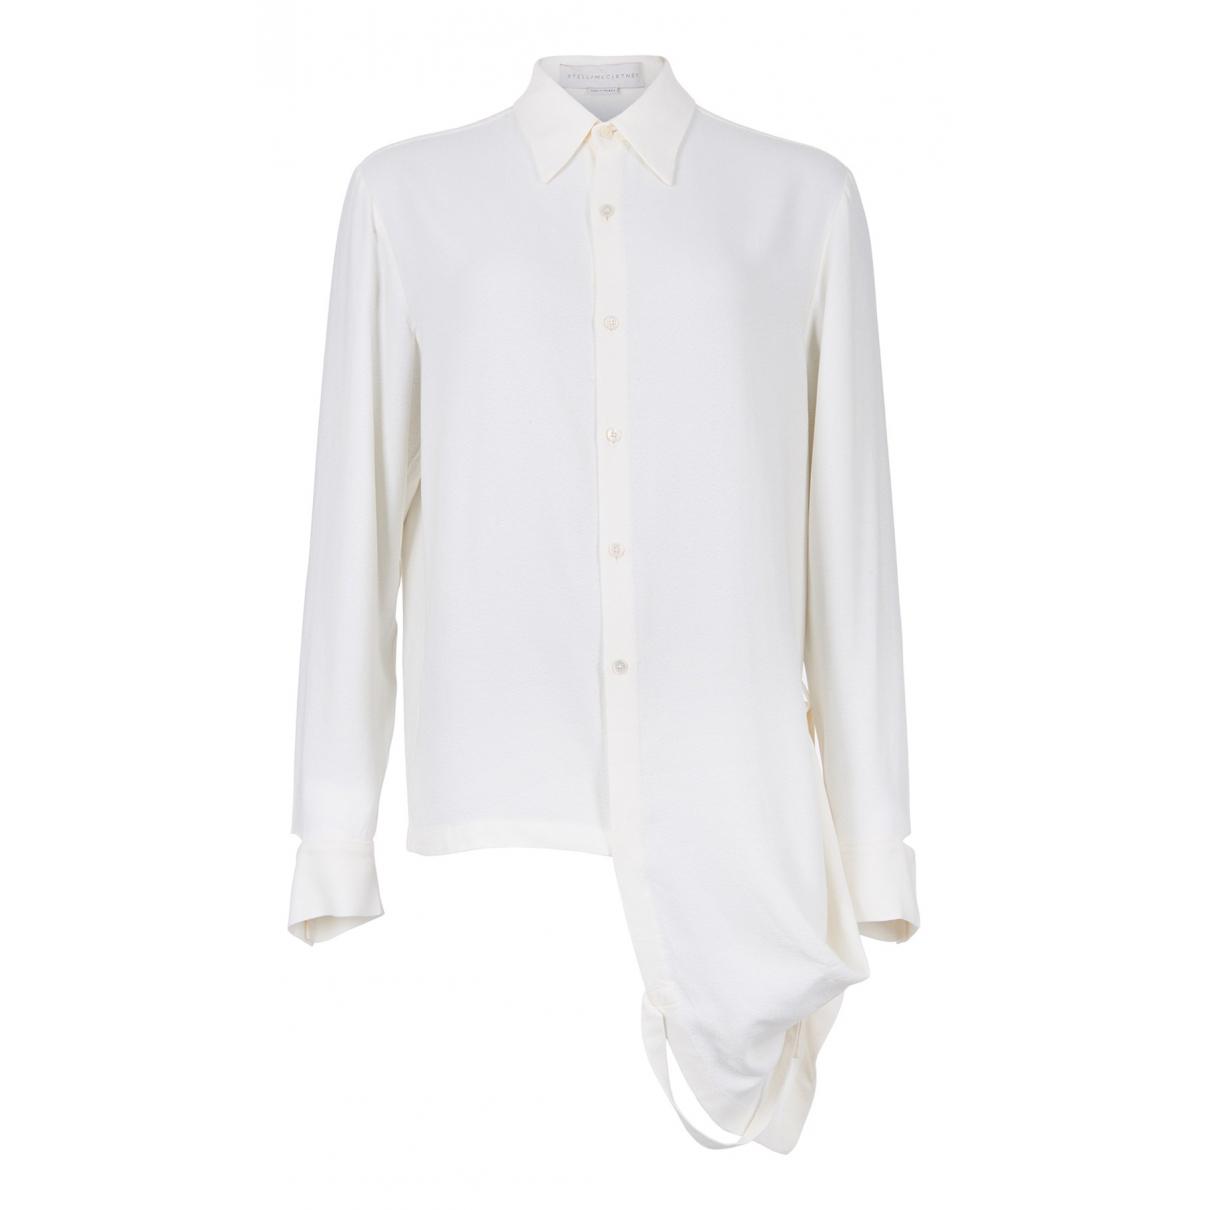 Stella Mccartney N Beige Silk  top for Women 12 UK